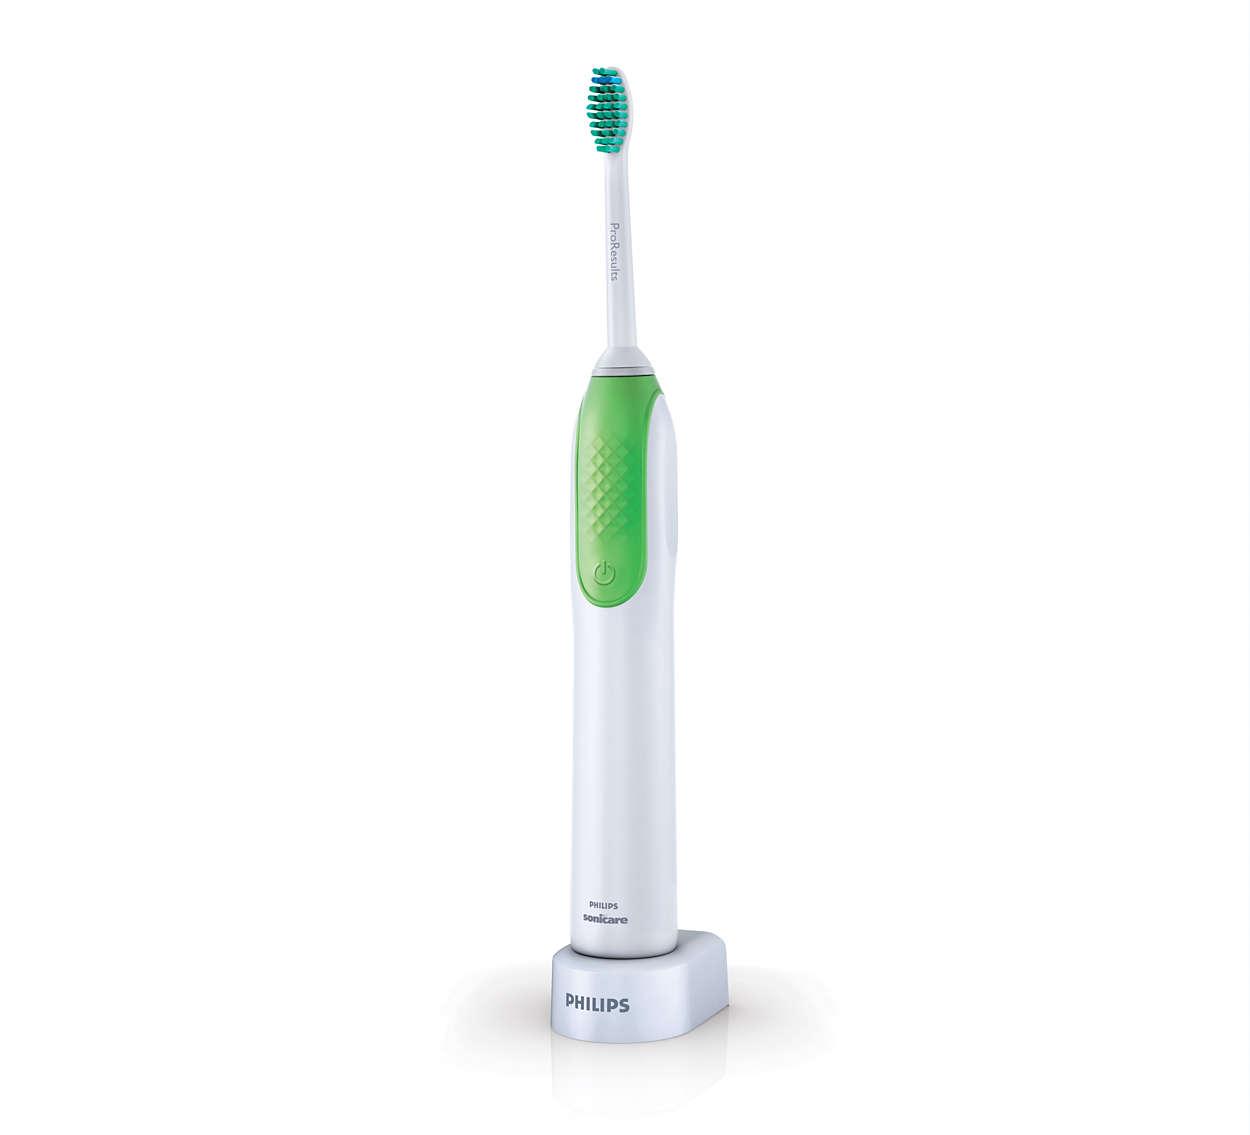 ★杰米家電☆HX3110 動力奇機 音波震動牙刷 電動牙刷